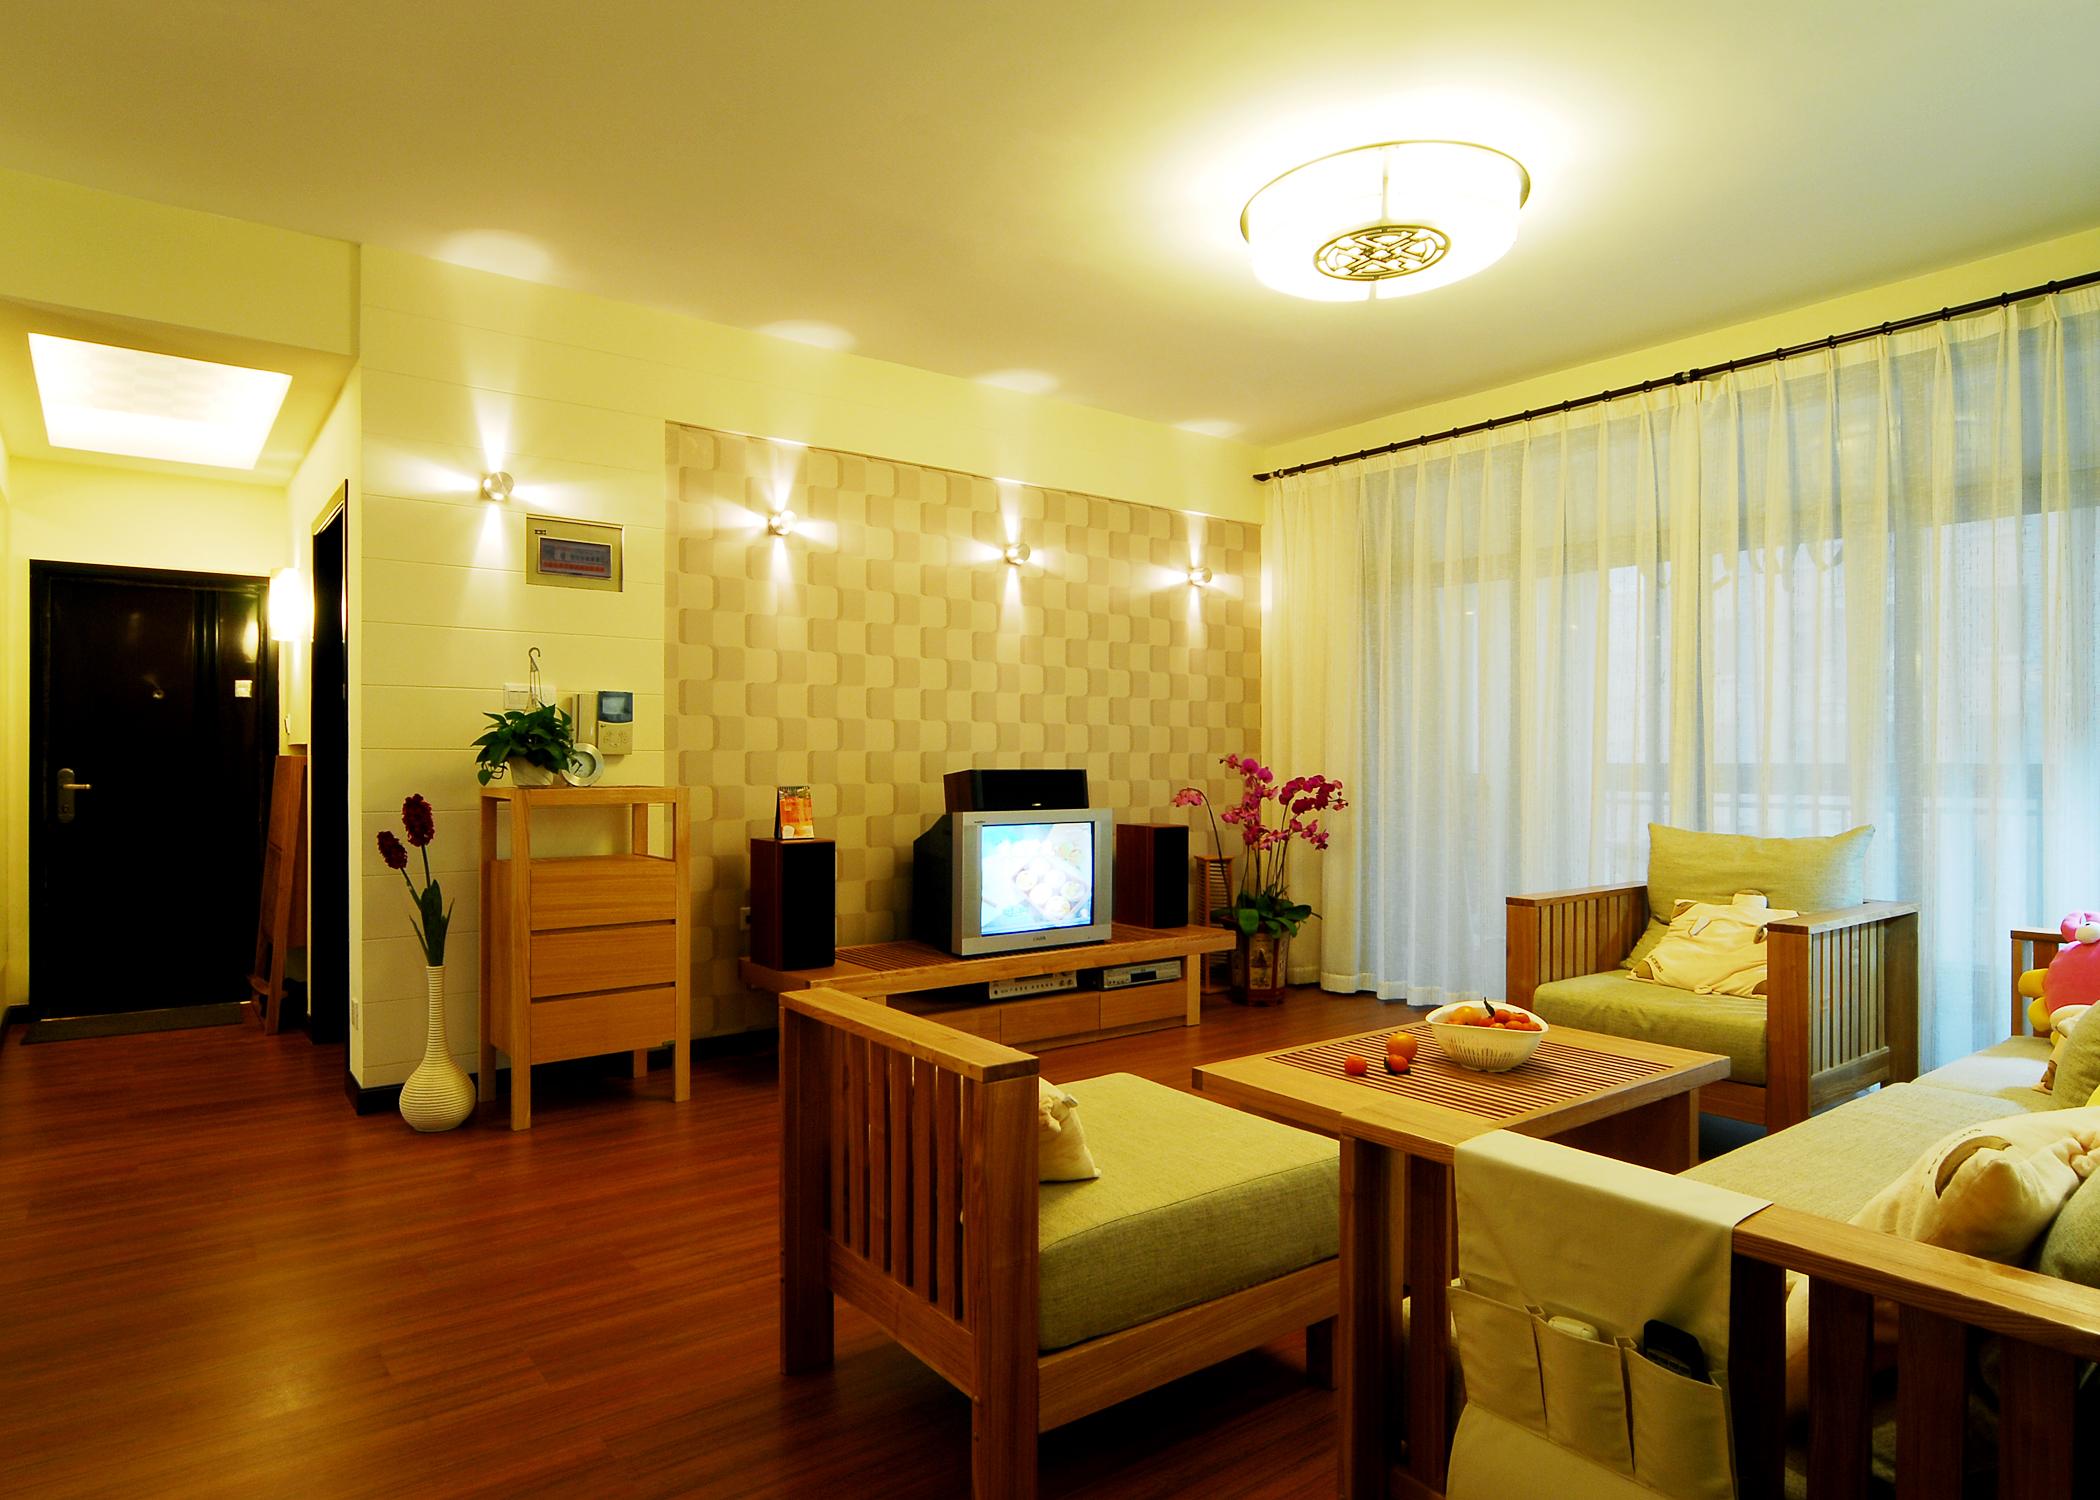 简约 田园 混搭 客厅图片来自上海实创-装修设计效果图在上海130平米混搭风格的分享